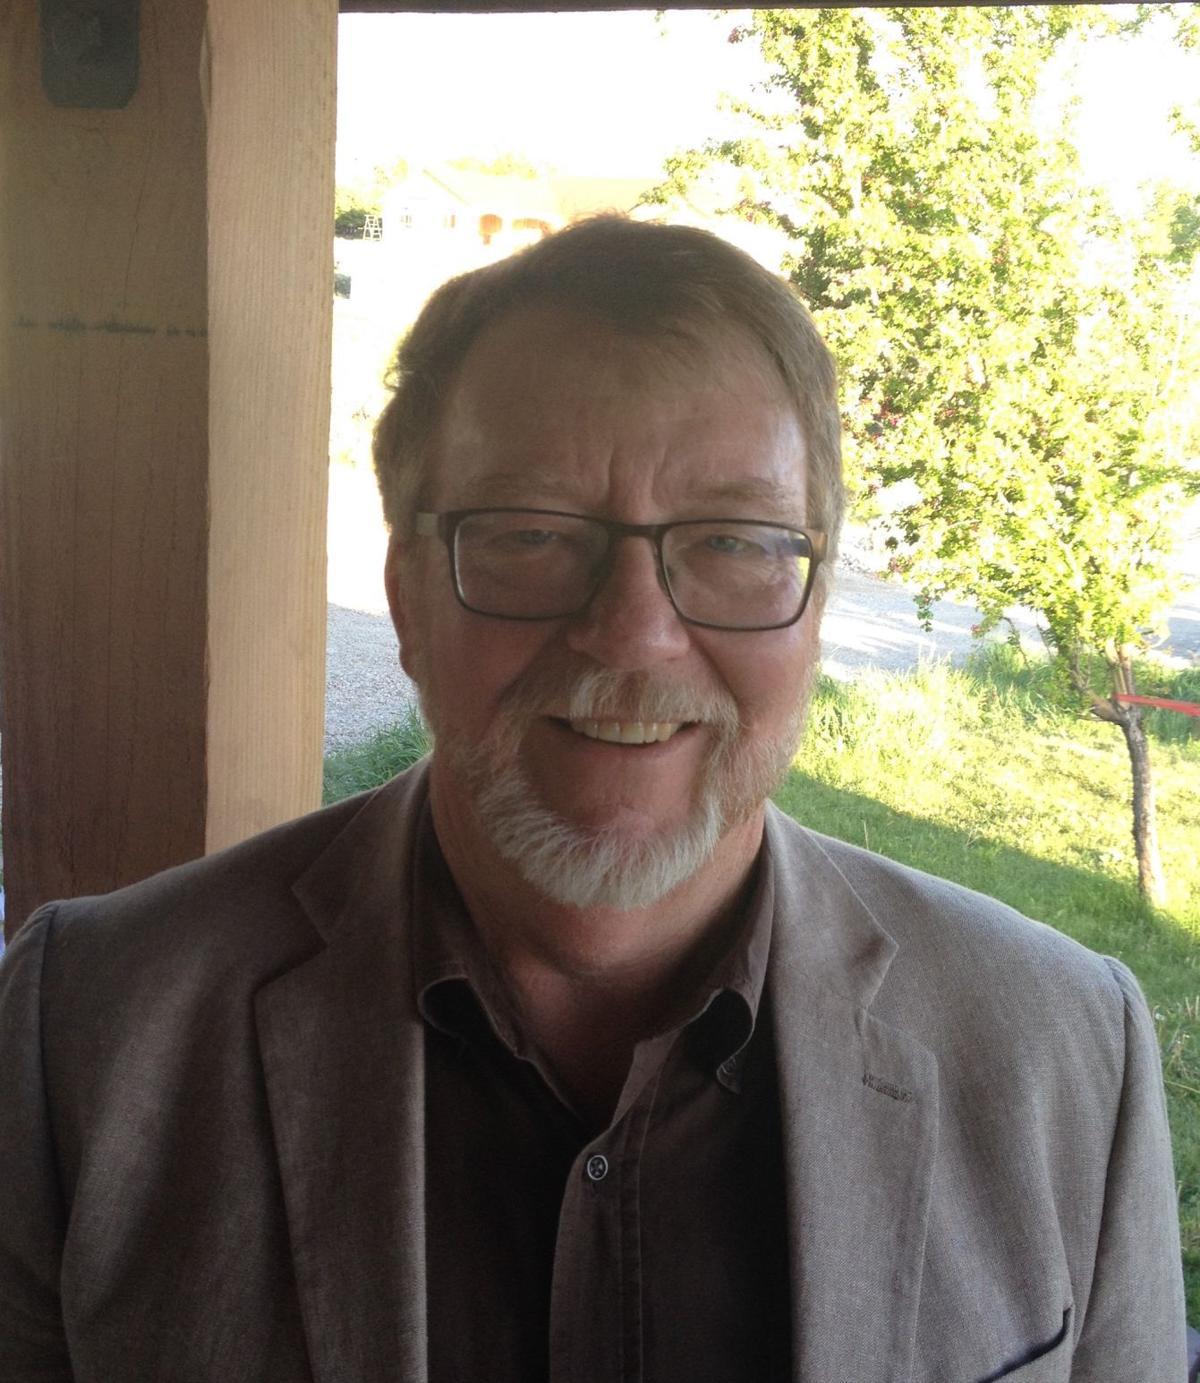 JAMES KENT McADOO